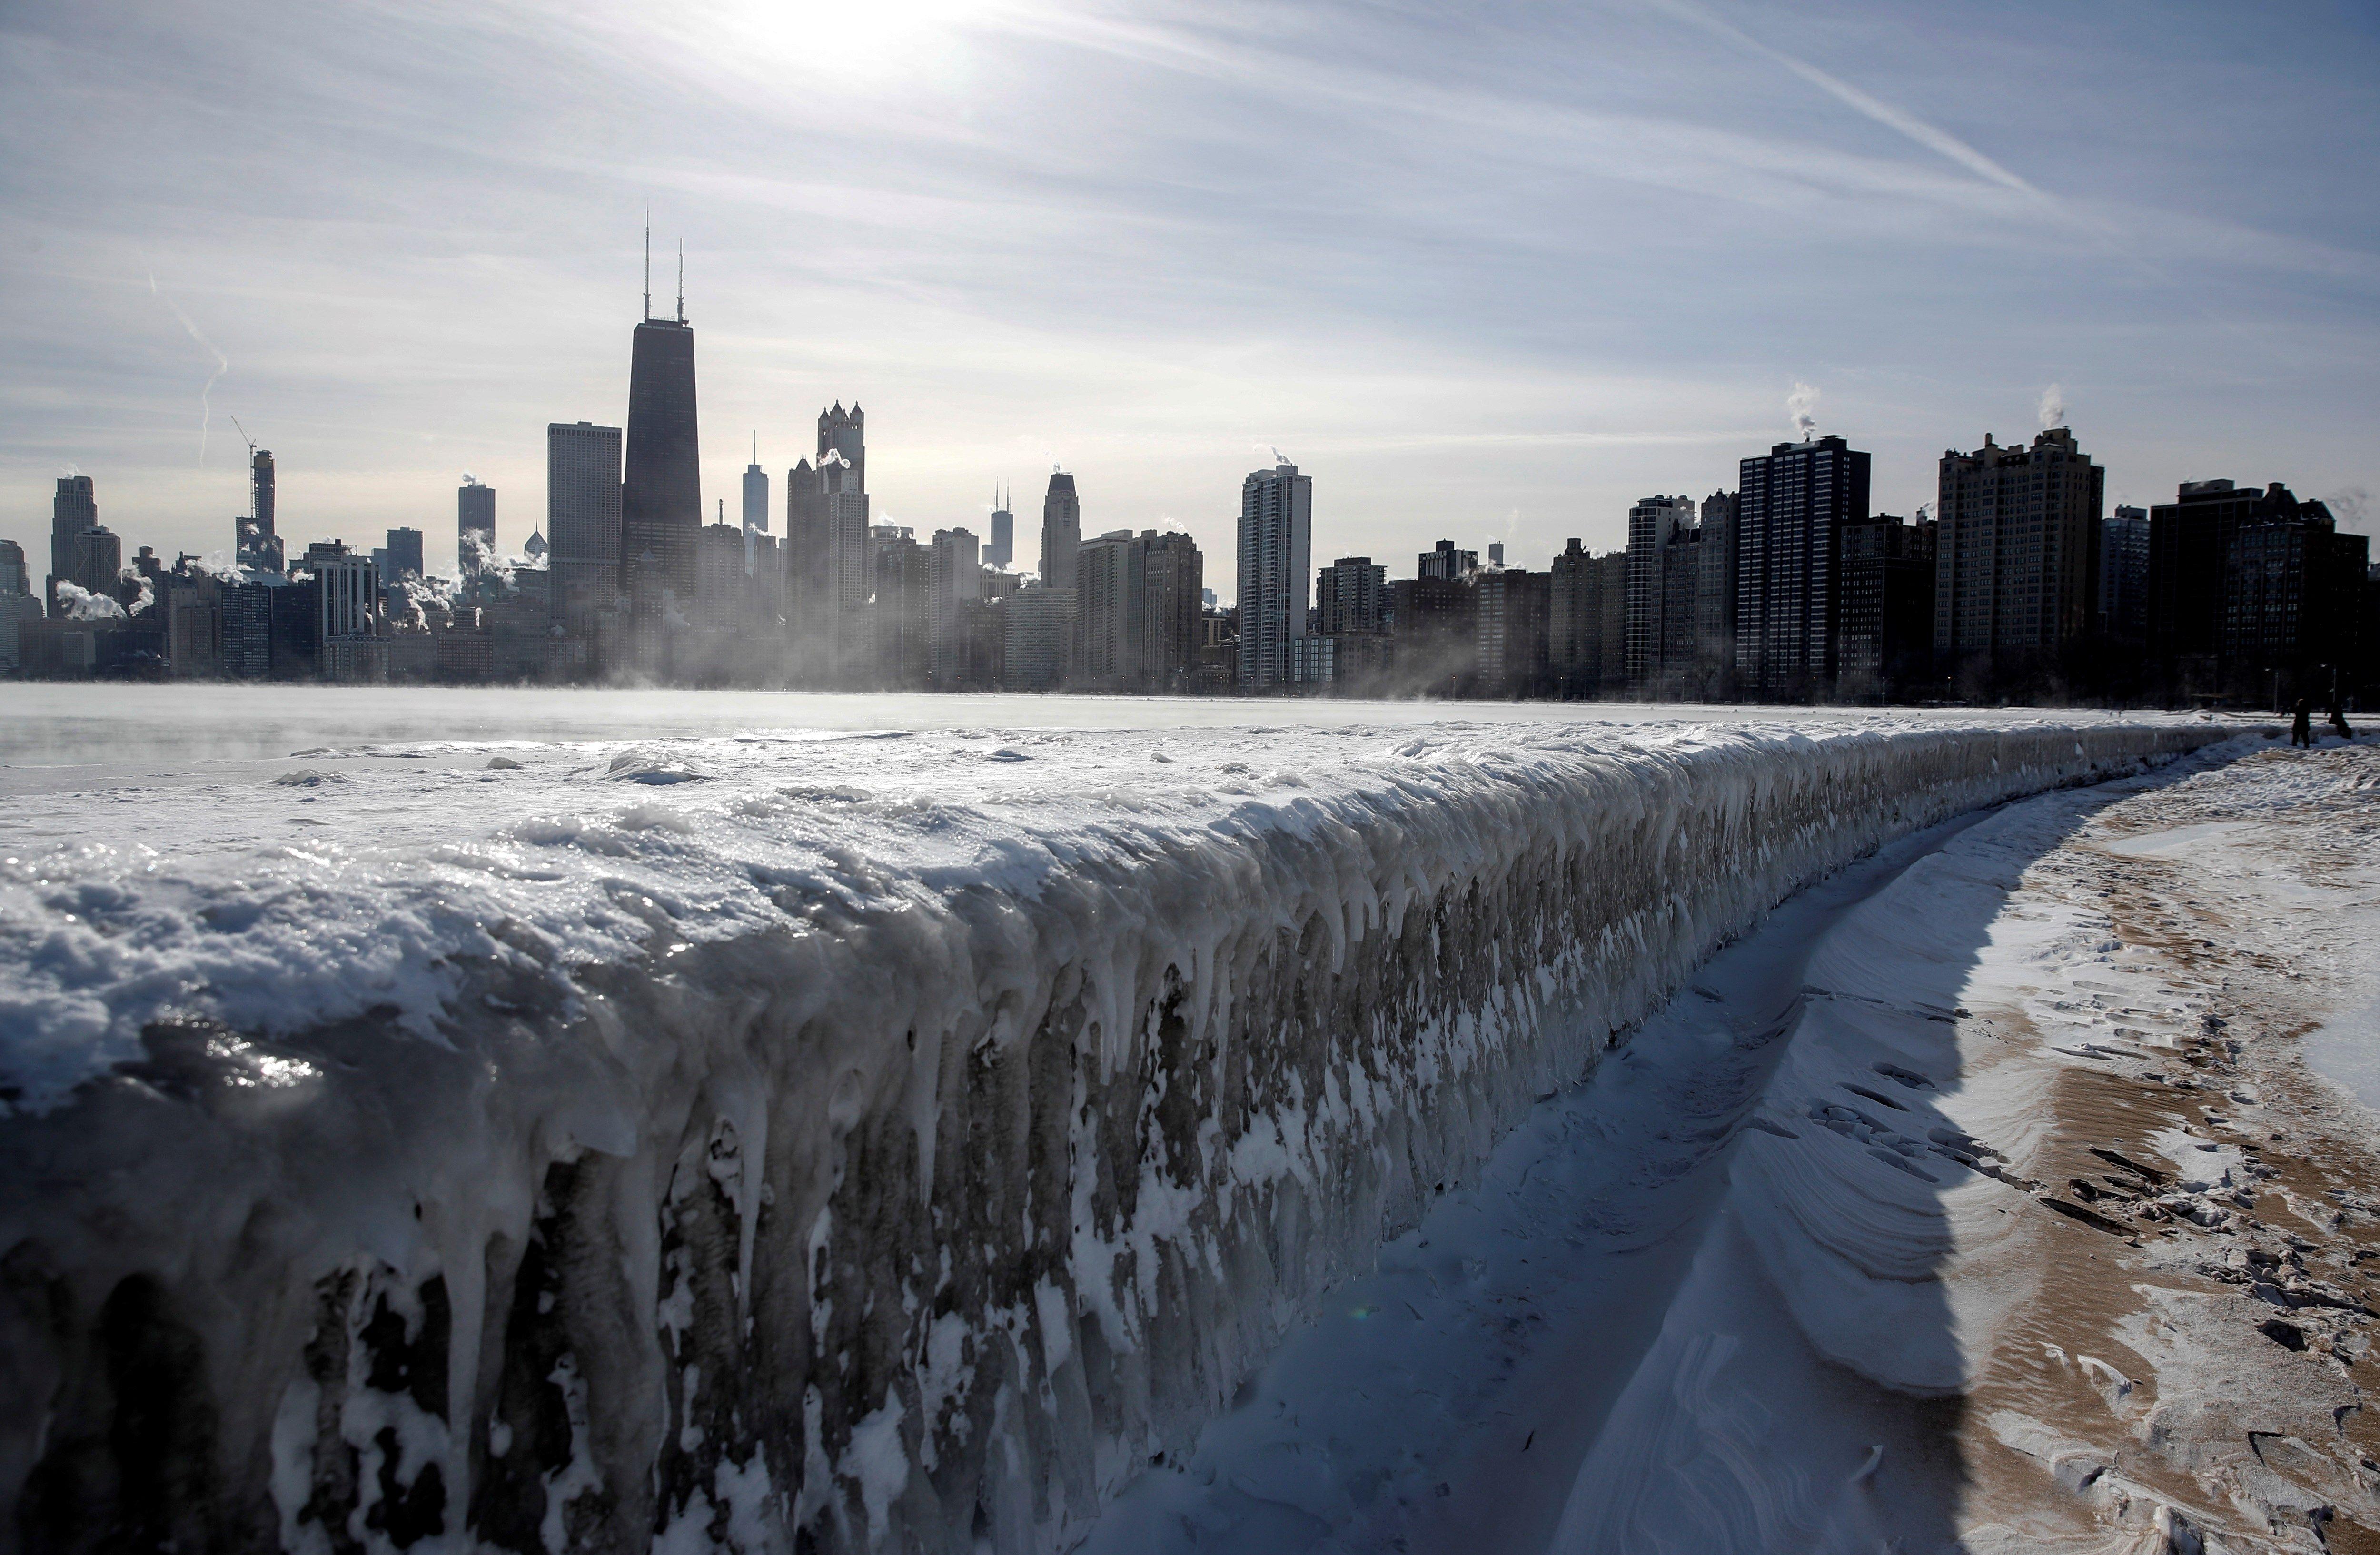 El vapor se eleva desde los edificios de la ciudad y el lago Michigan este jueves, en Chicago, EE. UU.